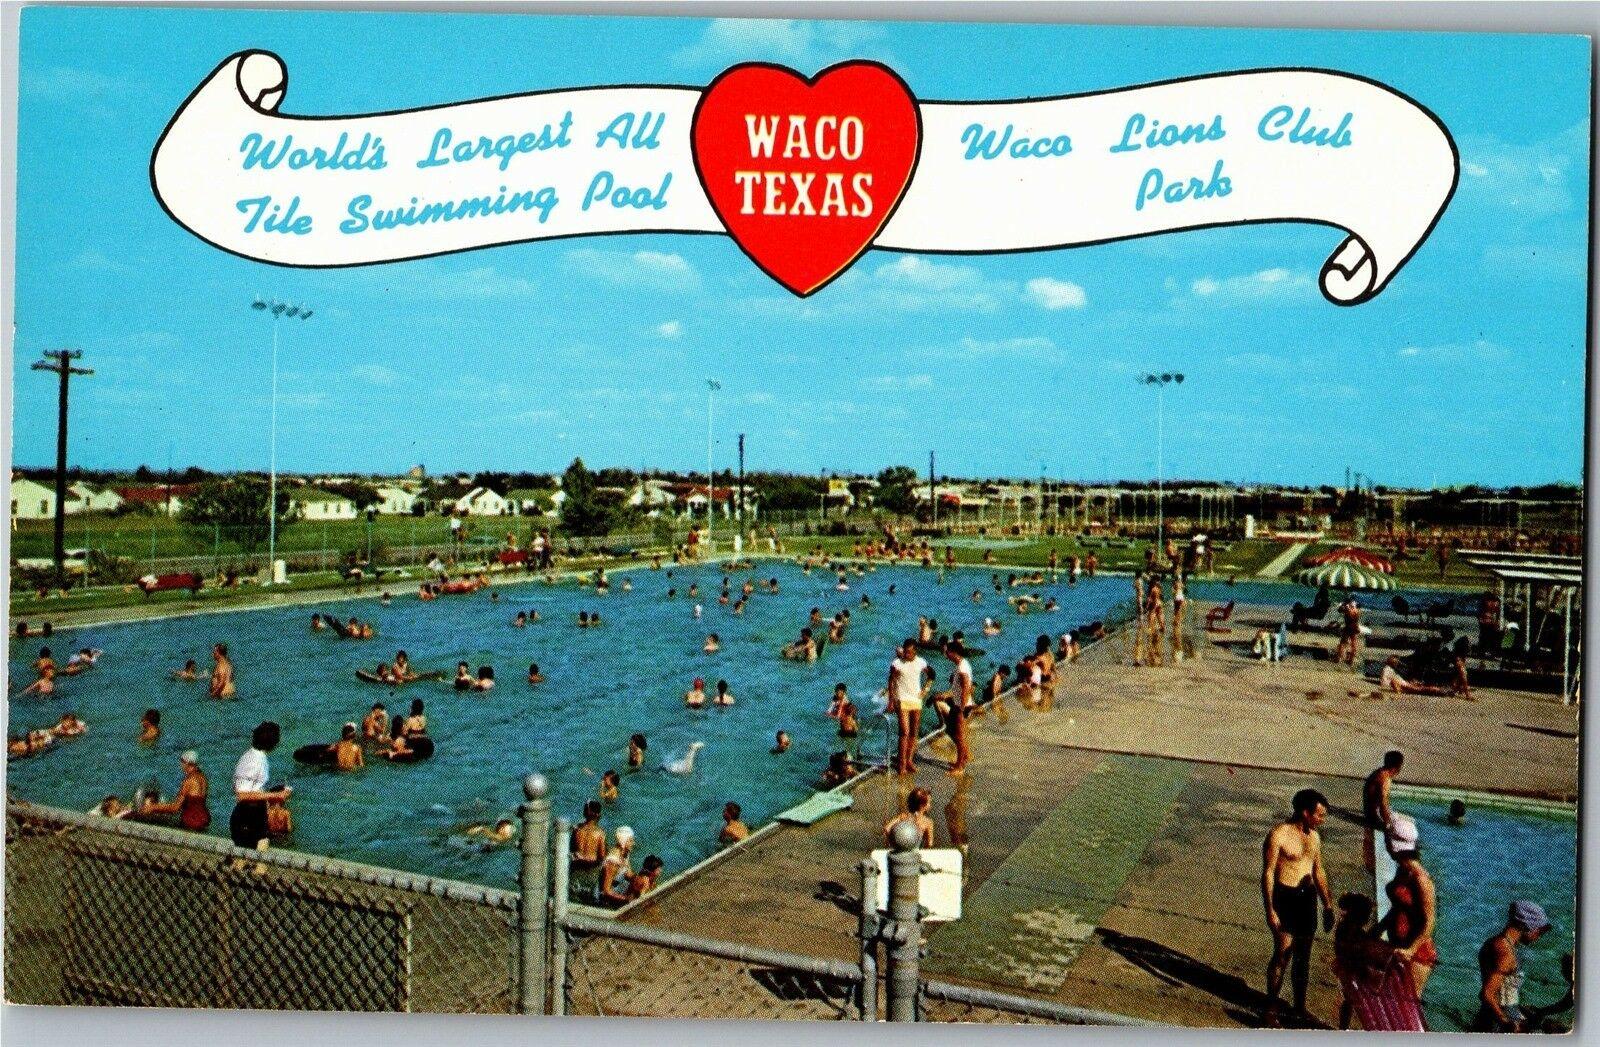 Waco Lions Club Park Texas Swimming Pool Vintage